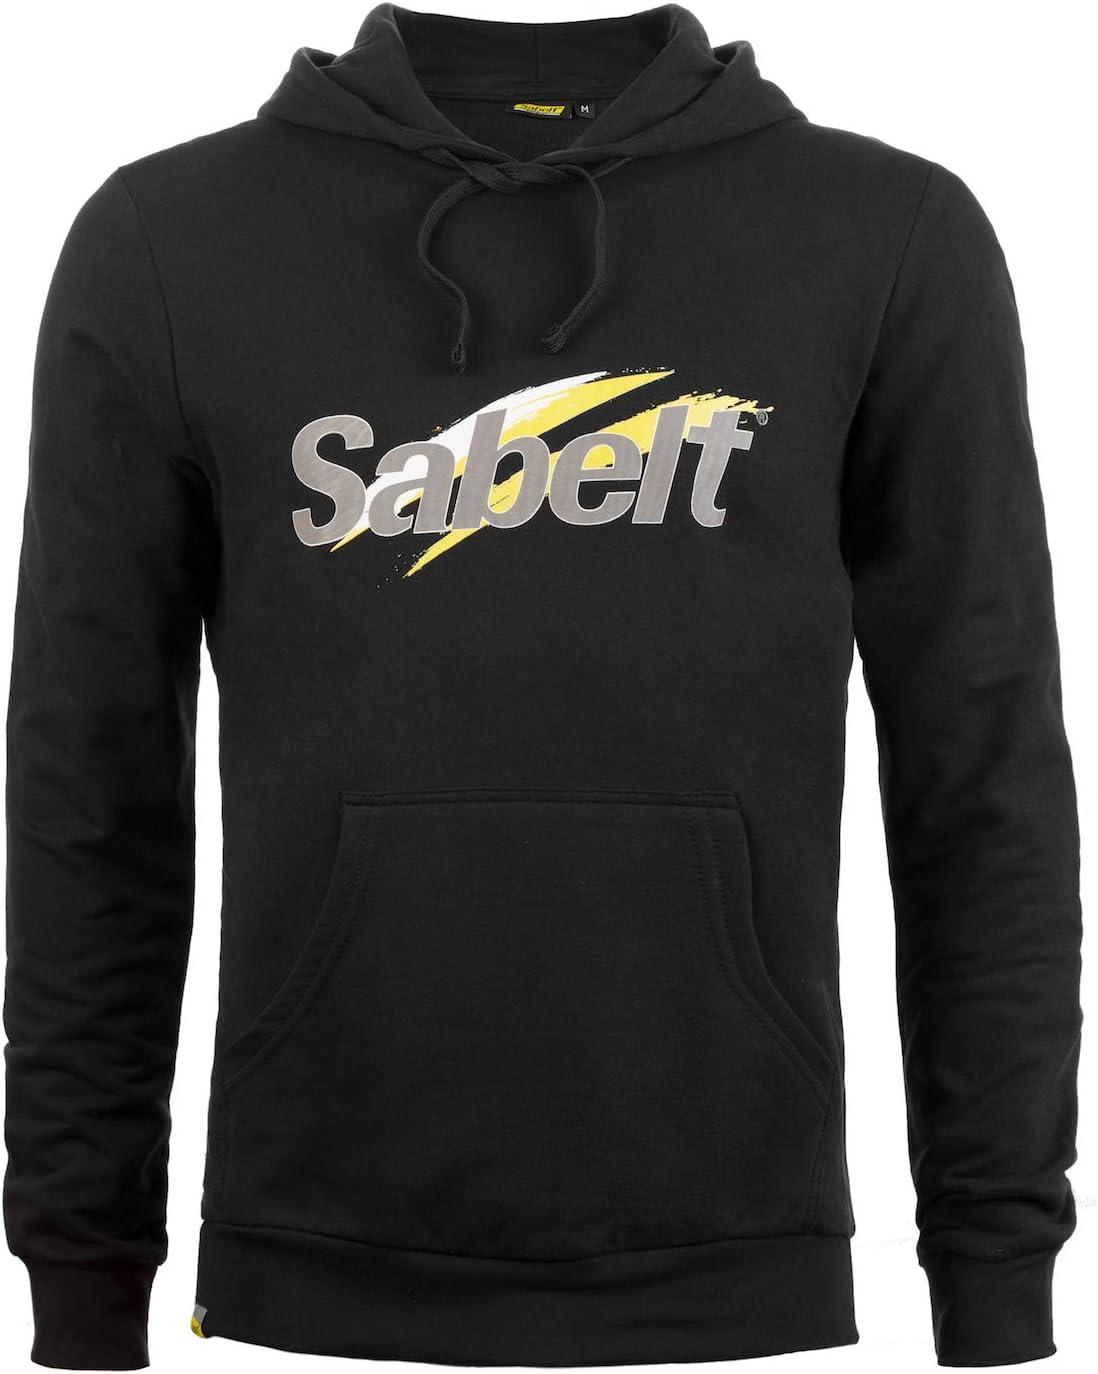 Splash S Sabelt Hoodie